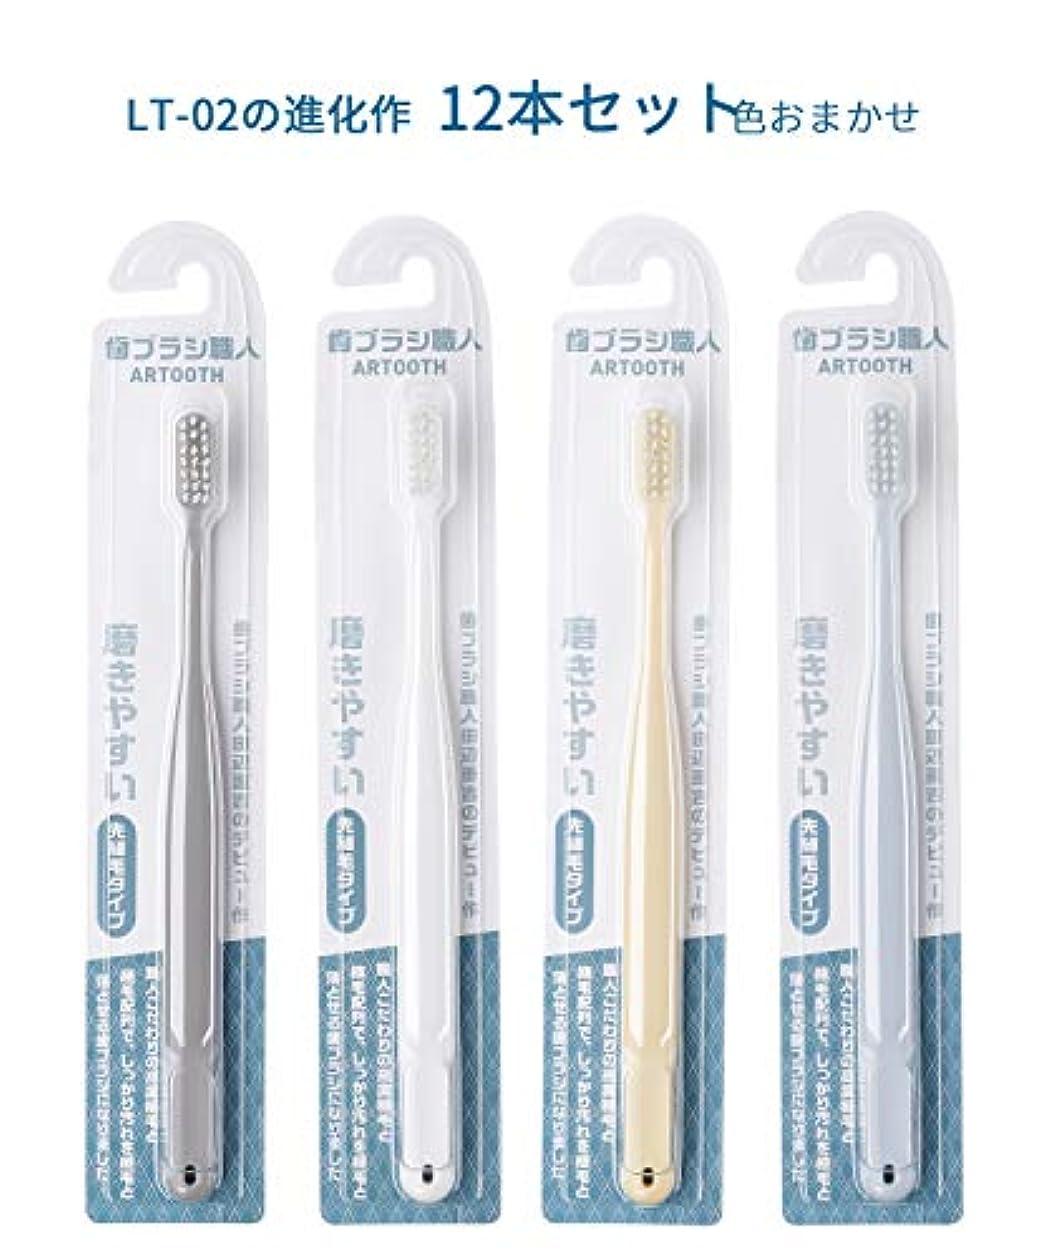 変化おとうさんコンデンサー歯ブラシ職人ARTOOTH 田辺重吉 磨きやすい歯ブラシ 先細 AT-02 (12本パック)